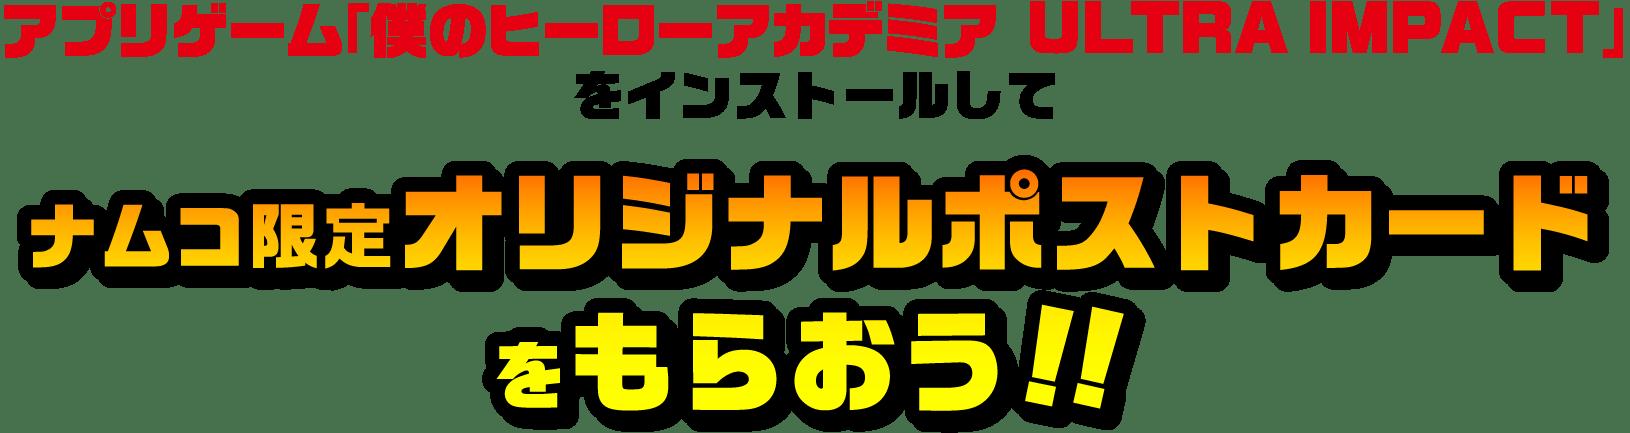 アプリゲーム「僕のヒーローアカデミアULTRA IMPACT」をインストールしてナムコ限定オリジナルポストカードをもらおう!!